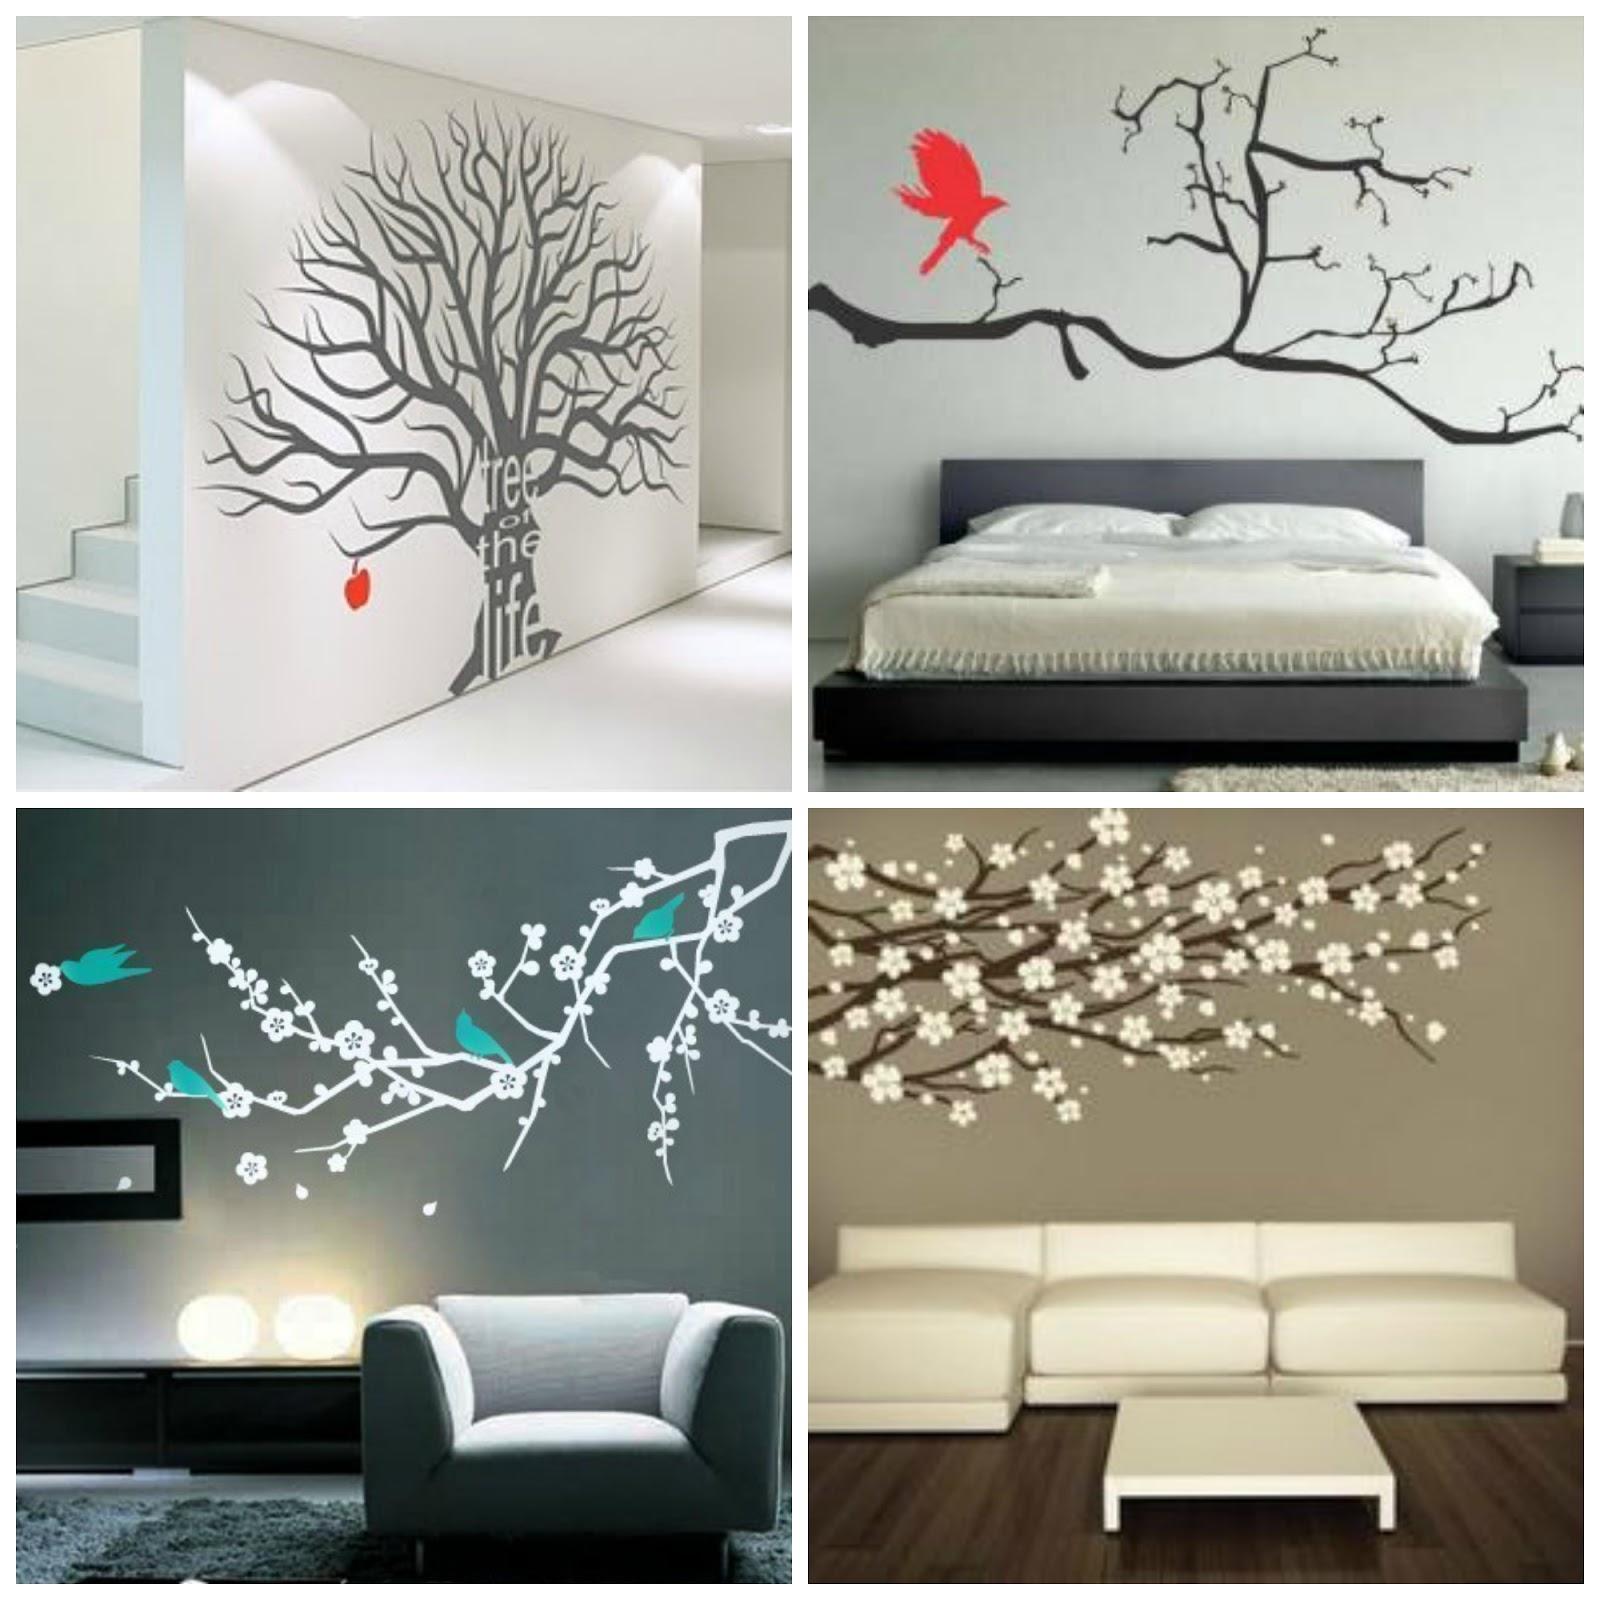 Alquiler de apartamentos y locales vinilos decorativos for Decoracion vinilos